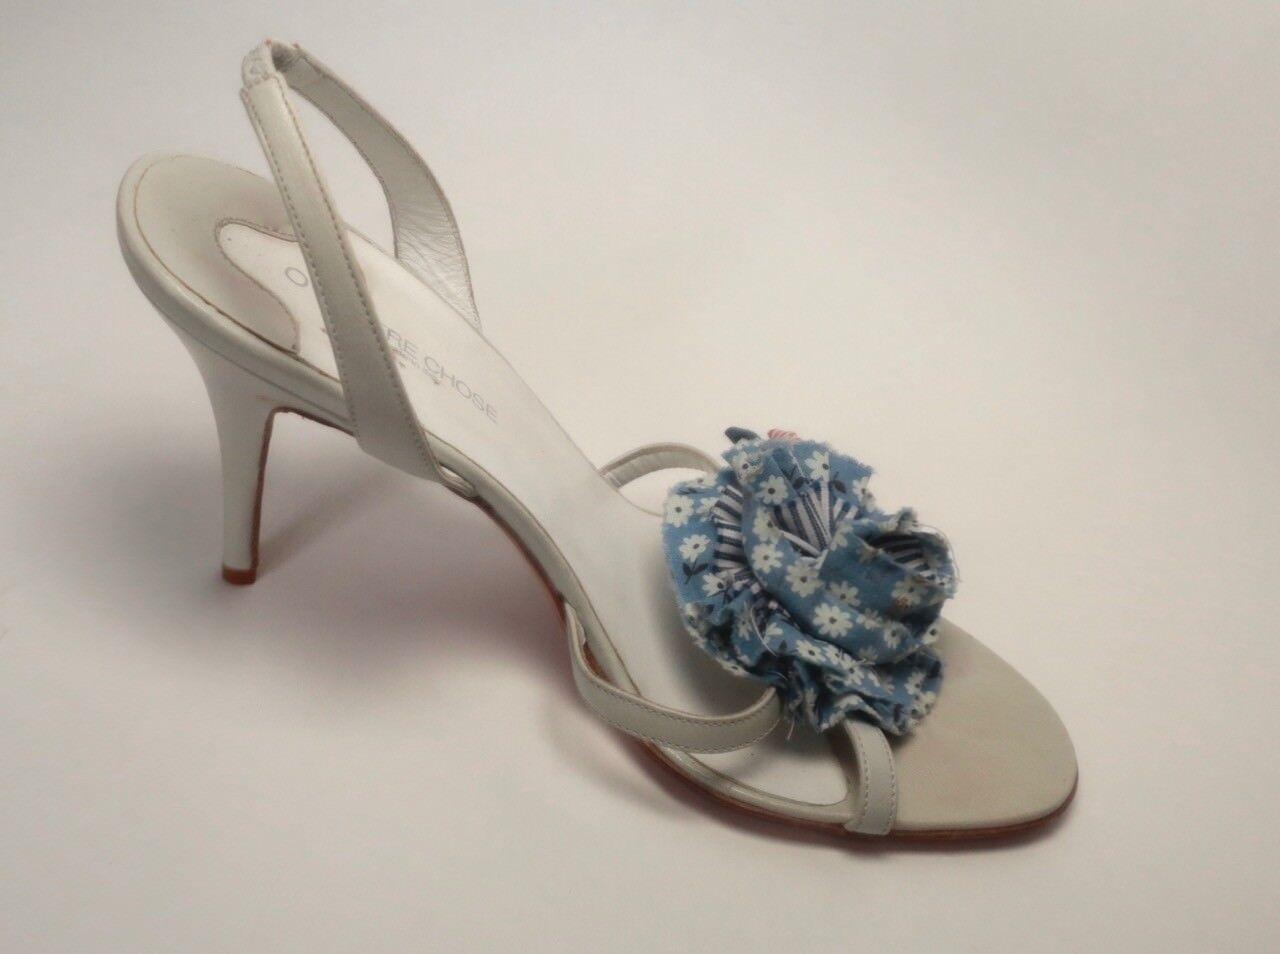 O L'Autre Chose Bleu Pastel Pastel Pastel Talons Hauts Avec Détail Fleur 9f2eff